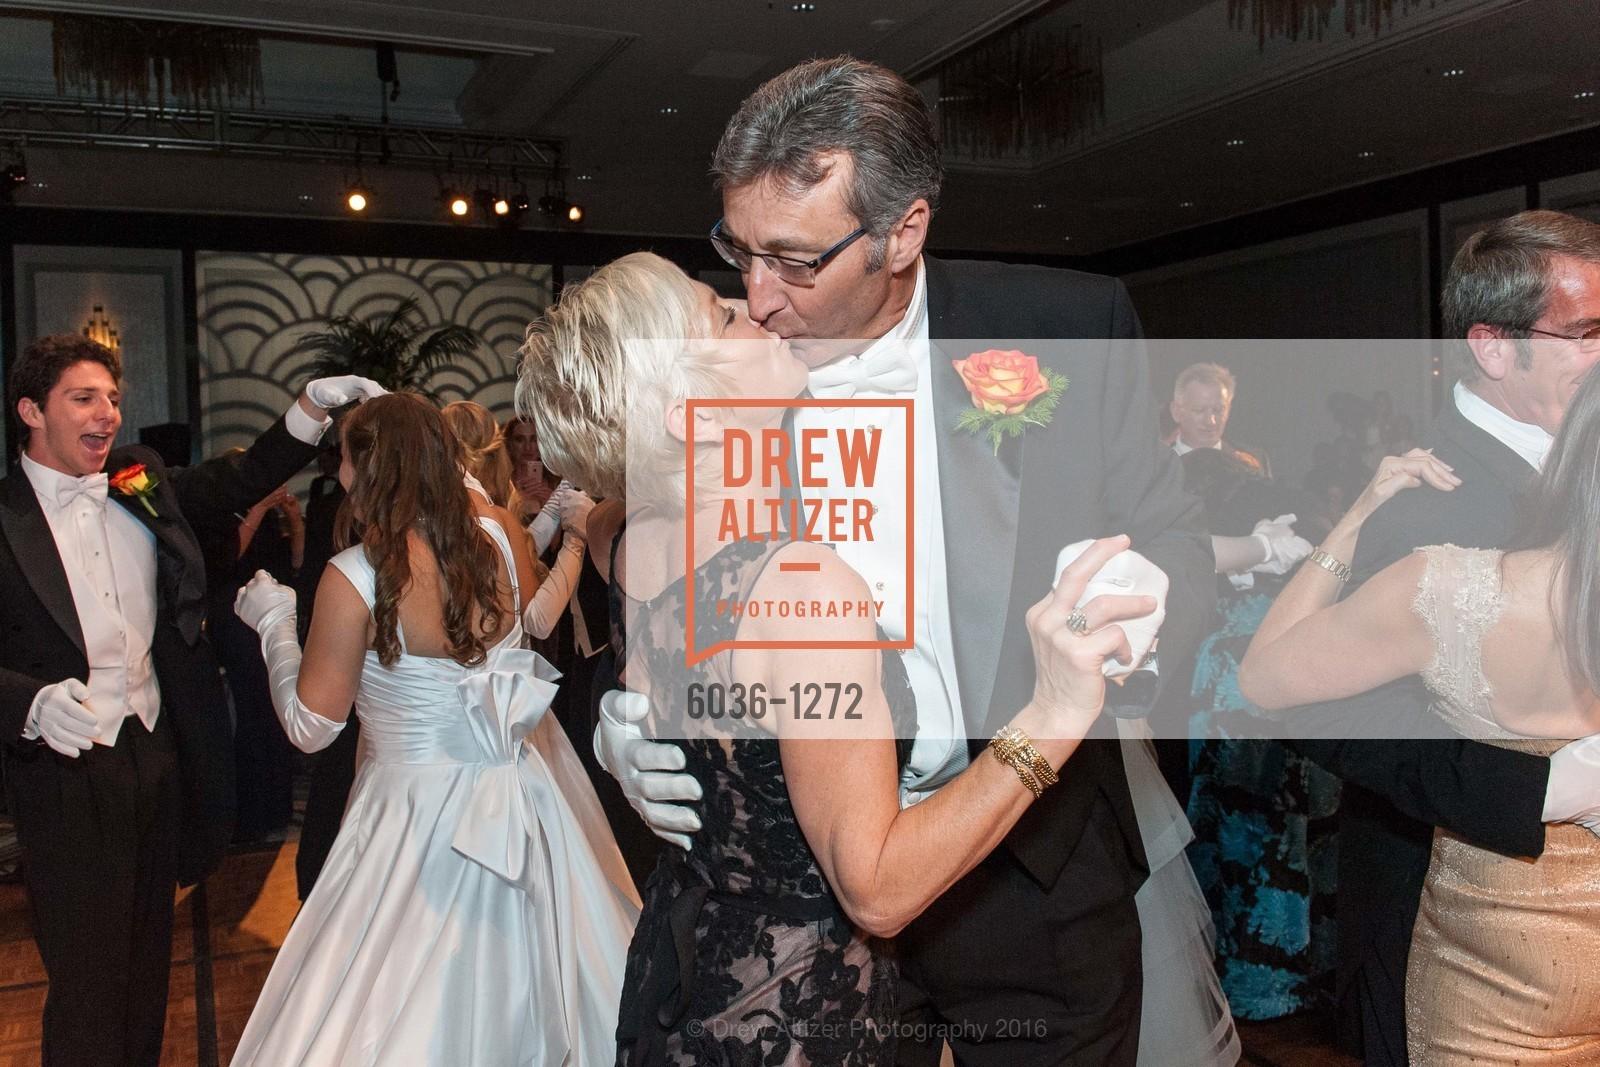 Shawn Sylvia, John Sylvia, Photo #6036-1272